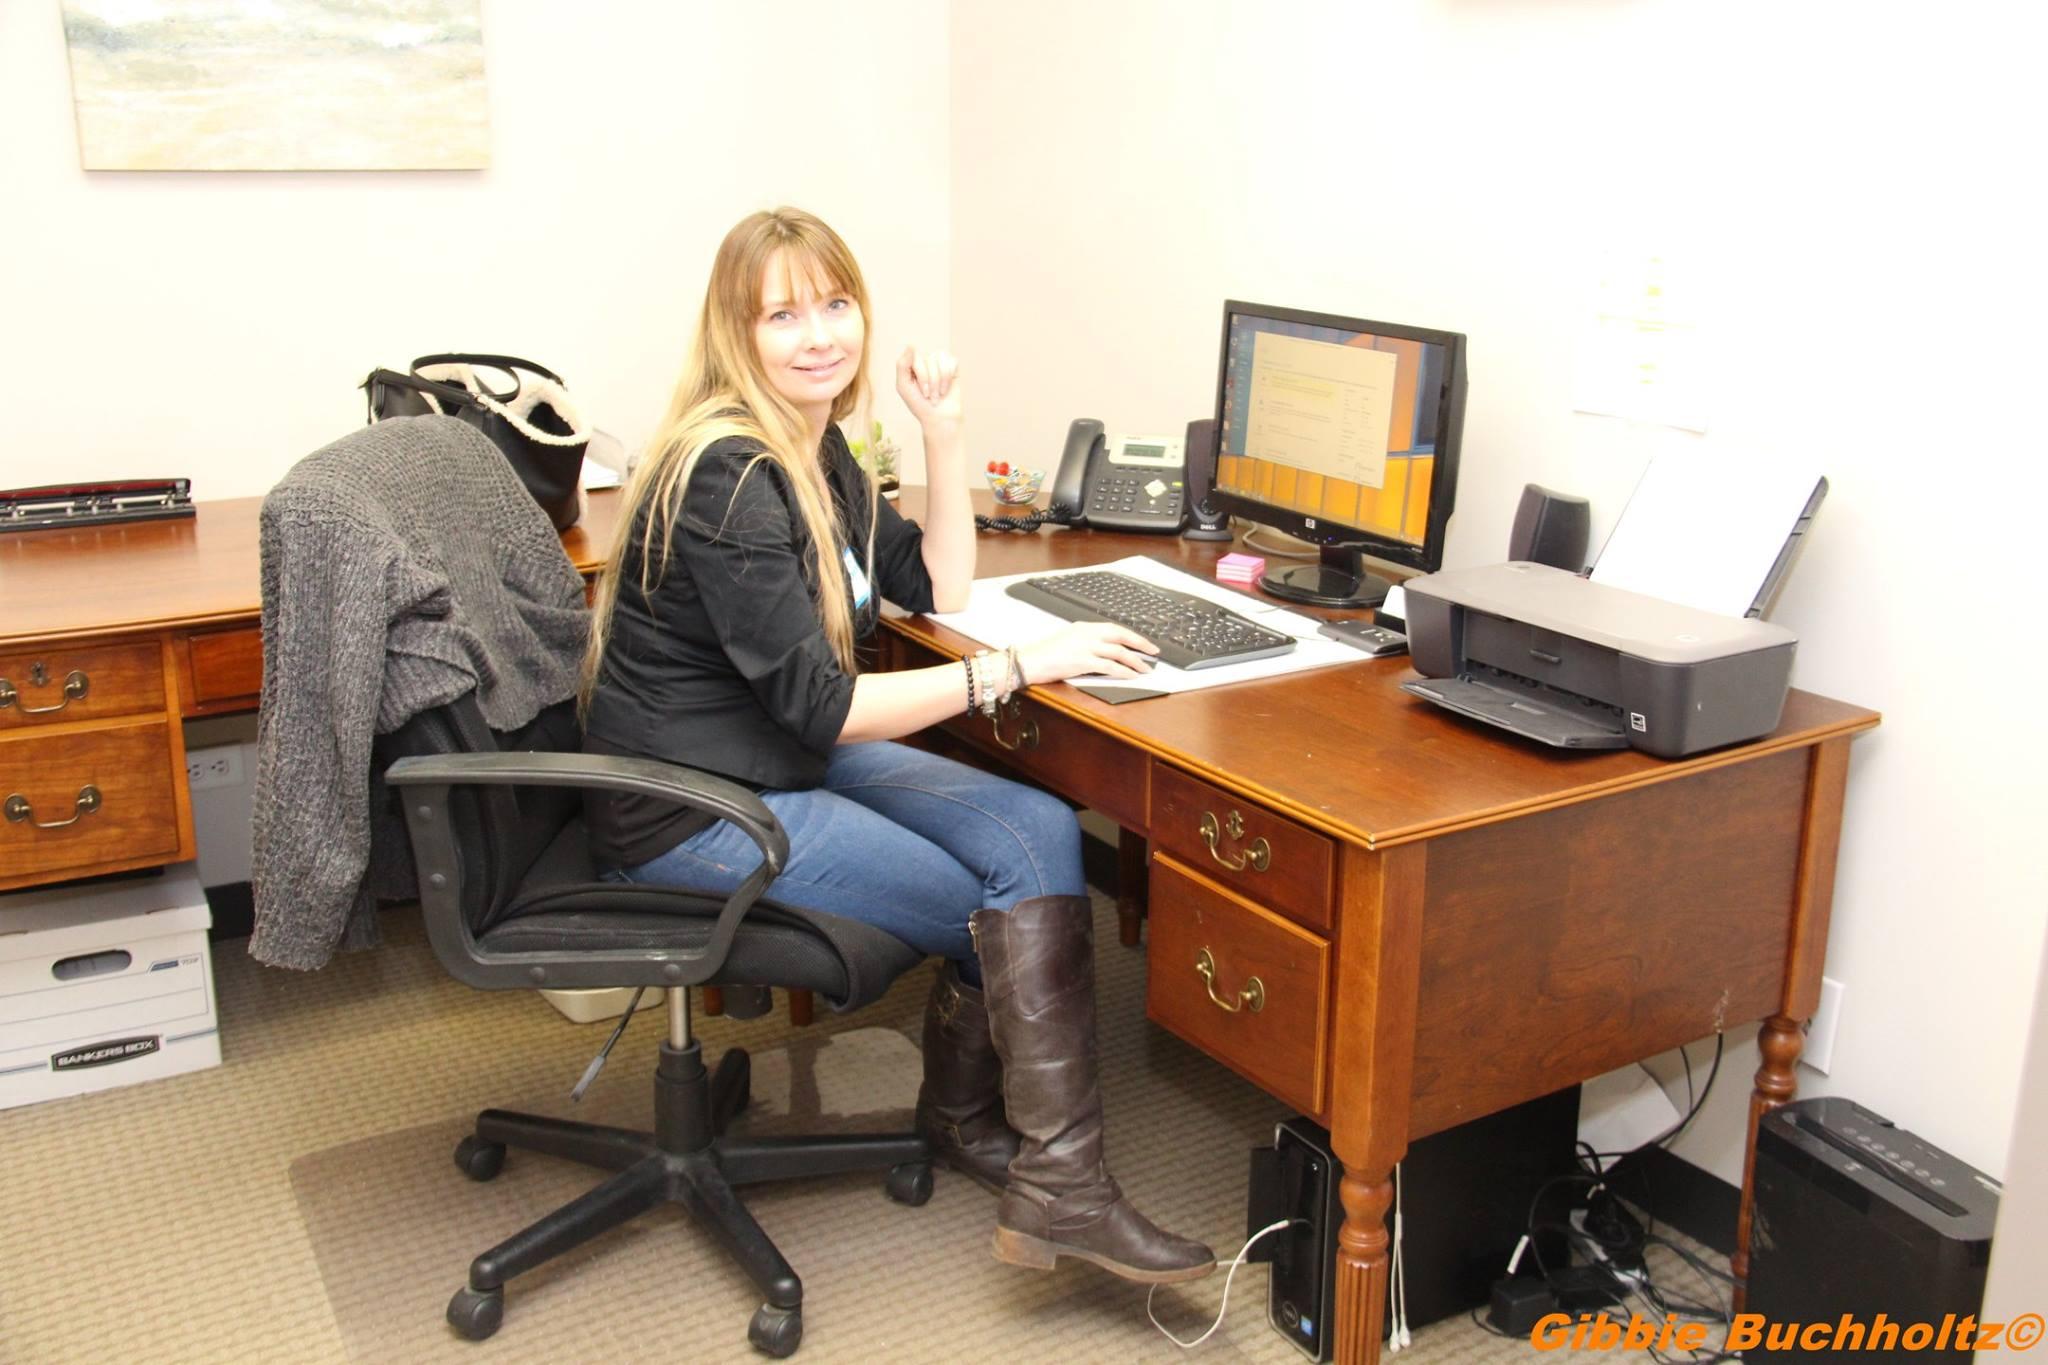 Case Manager Mindy Lindholm